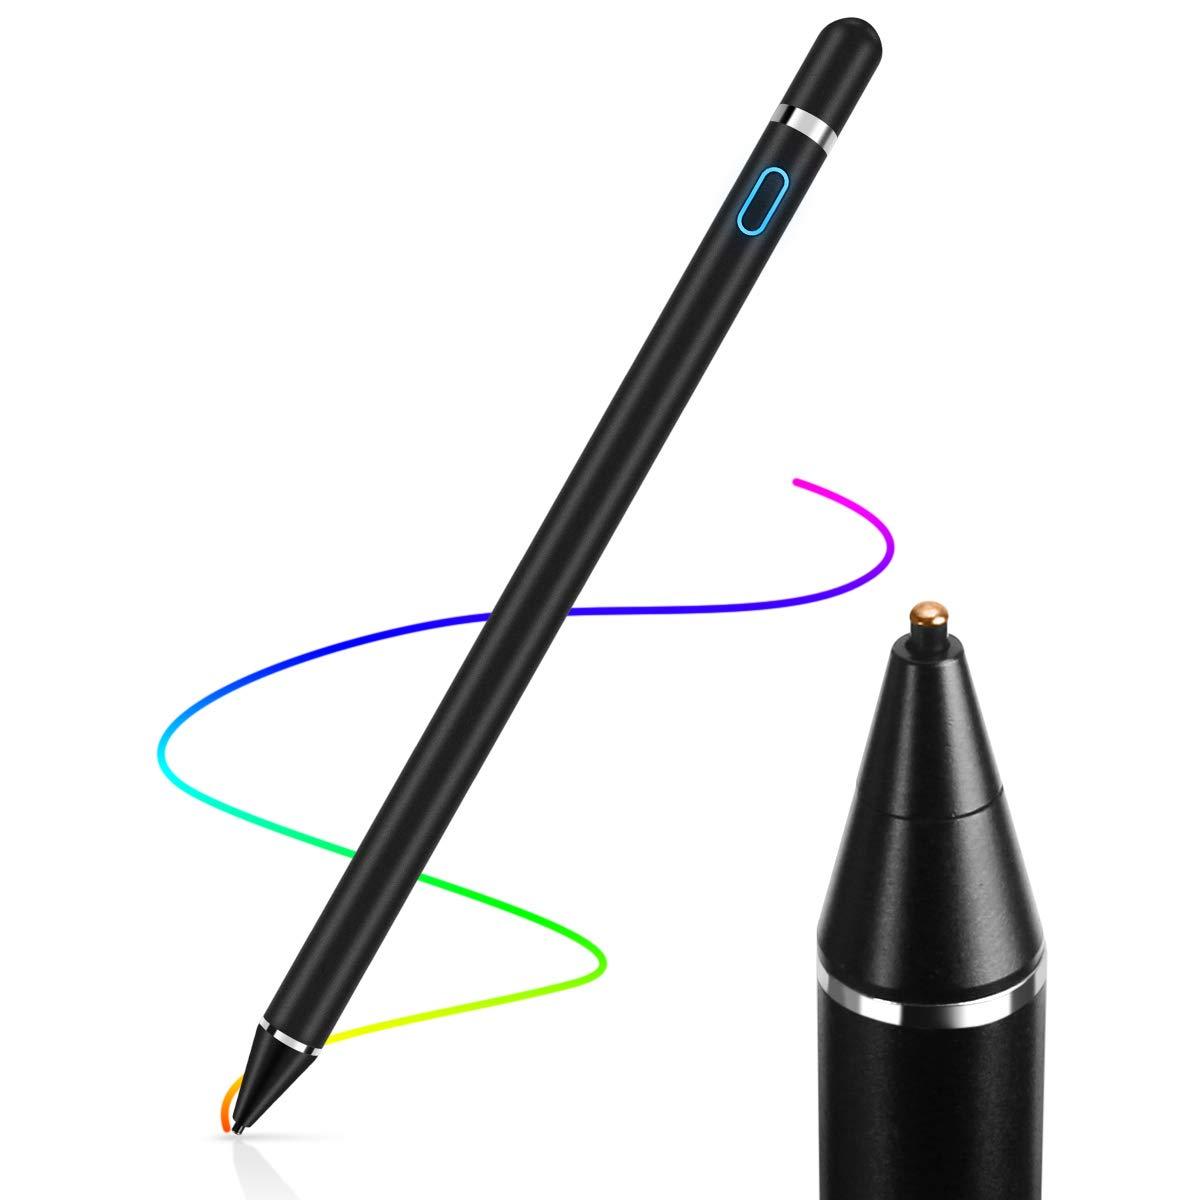 1.45mm Oro Rosa AICase Active Stylus Pen,Penna Capacitiva Attiva Punta Fine Active Stylus Stilo Universale per Qualsiasi Touch Screen,10 Ore Continue Work /& 30 Giorni di Standby